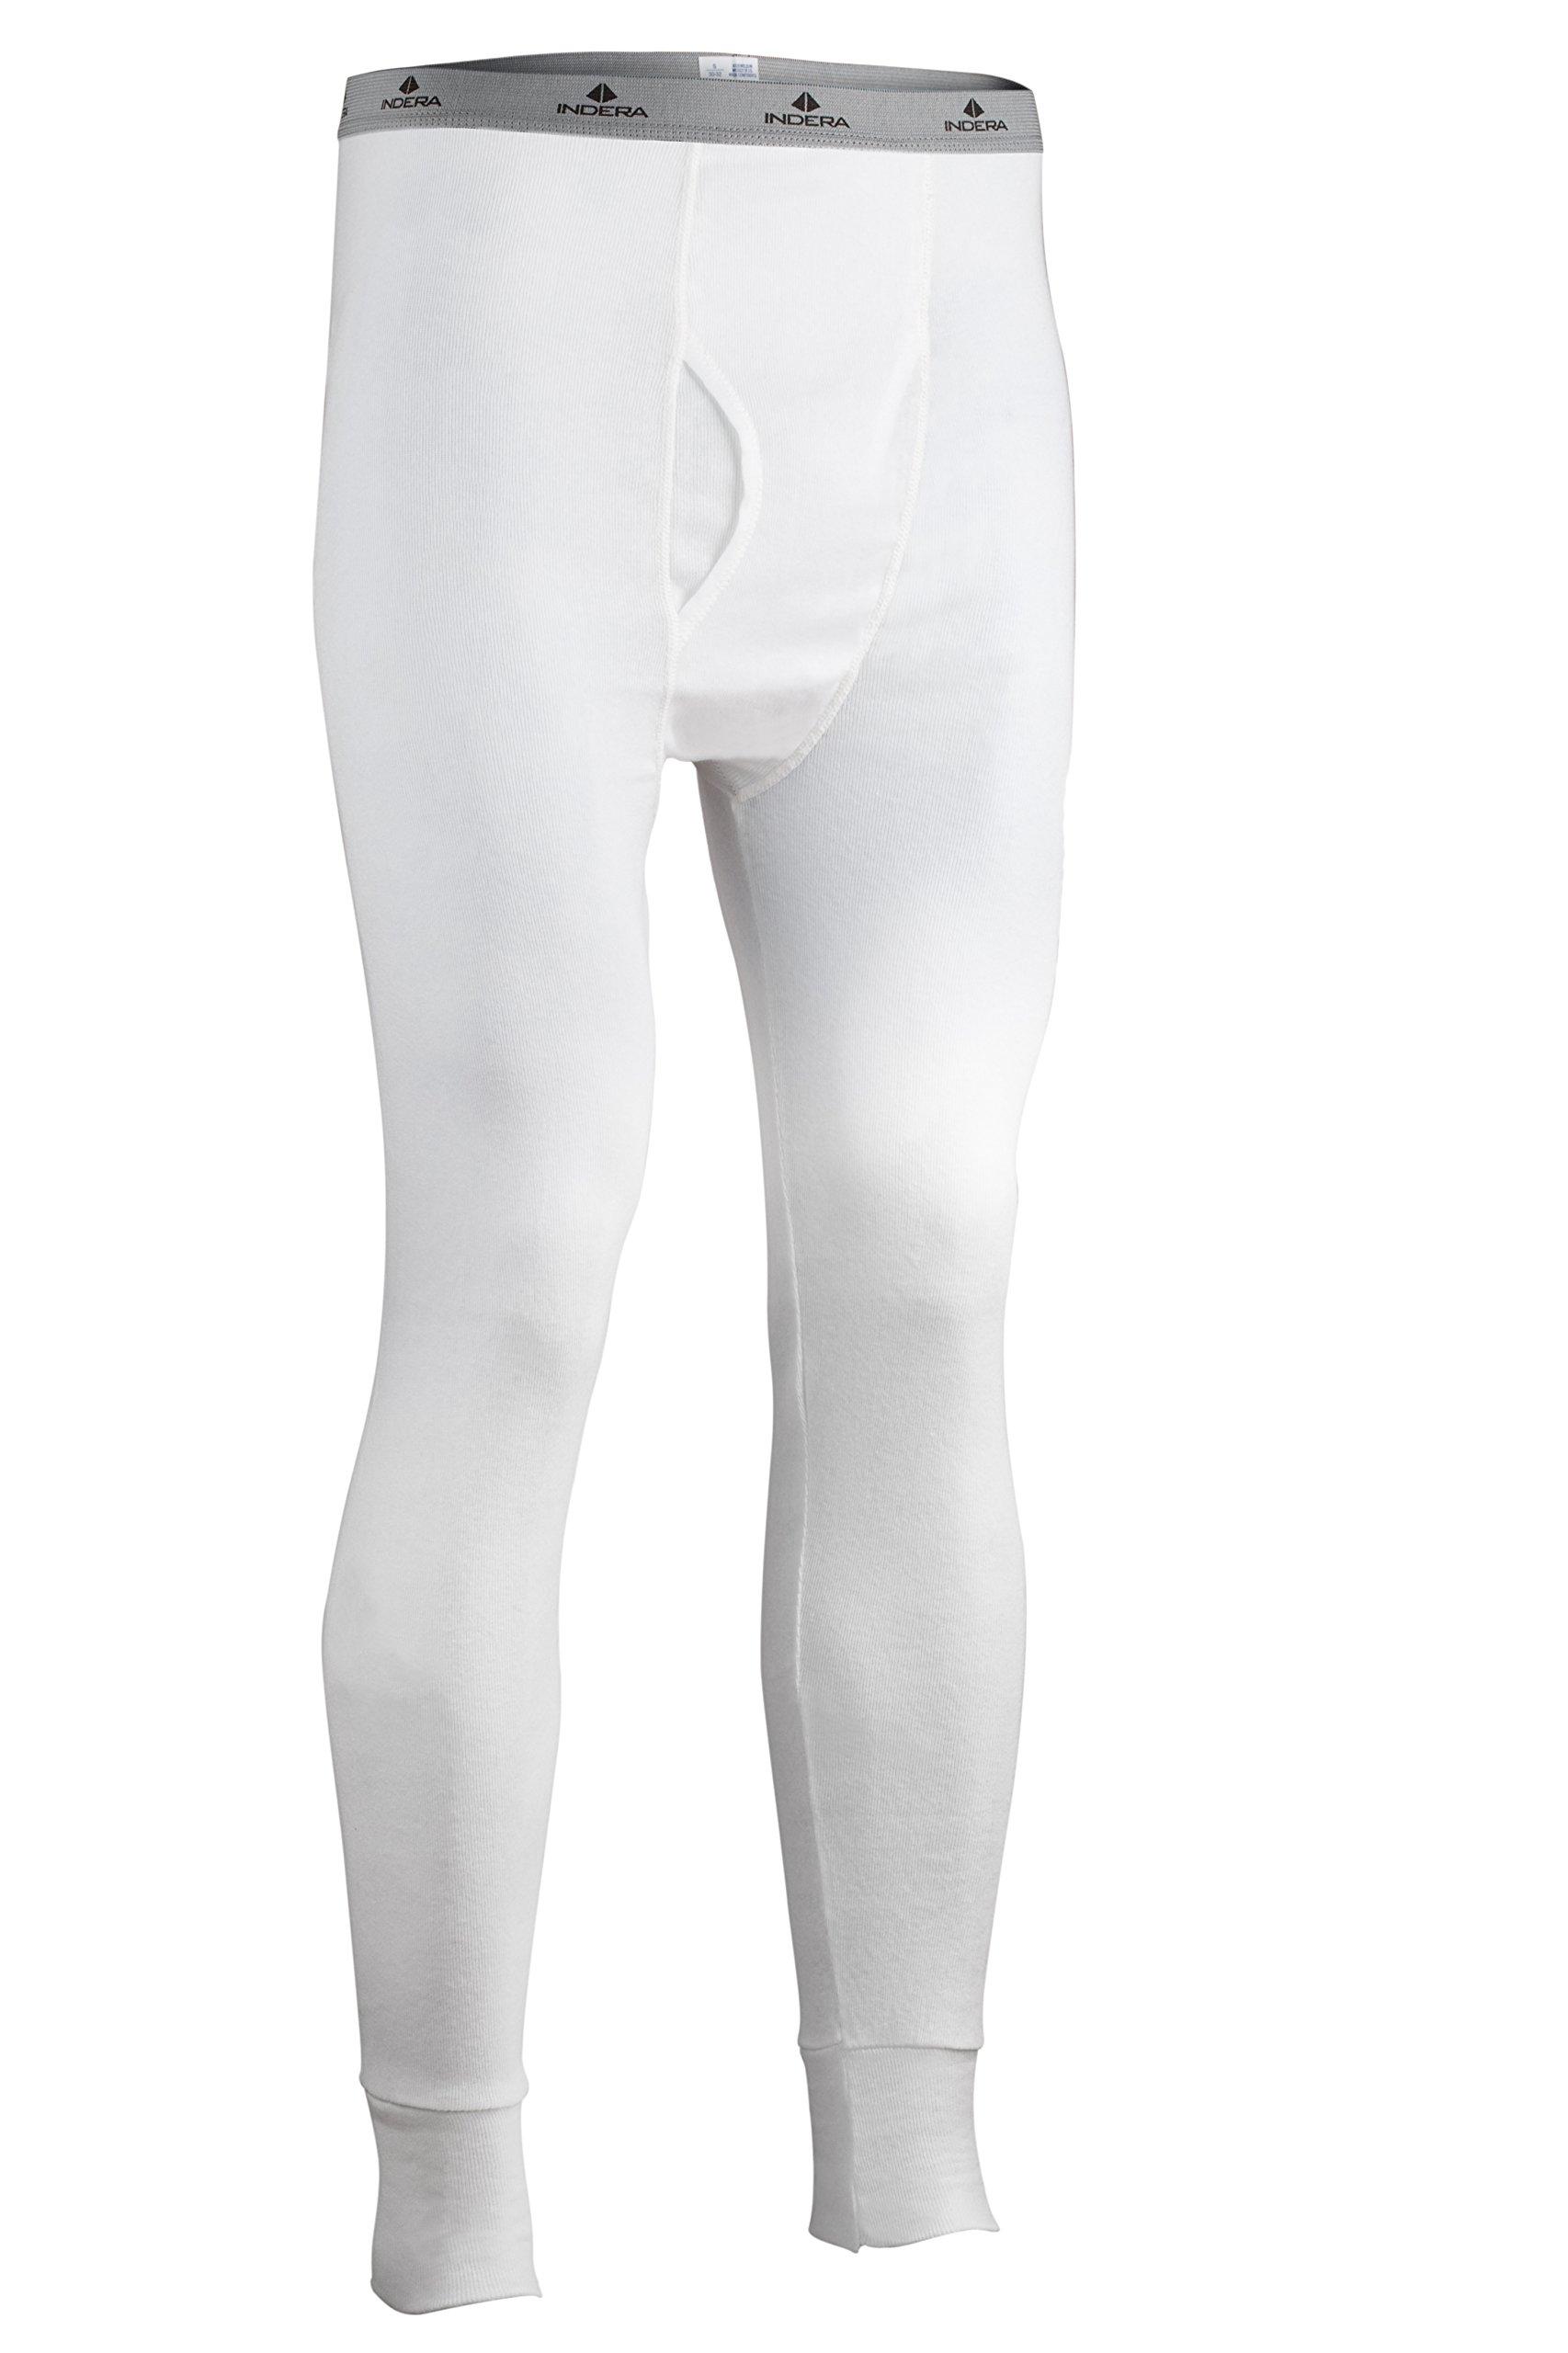 Indera Men's Cotton Rib Knit Thermal Underwear Pant, White, Large